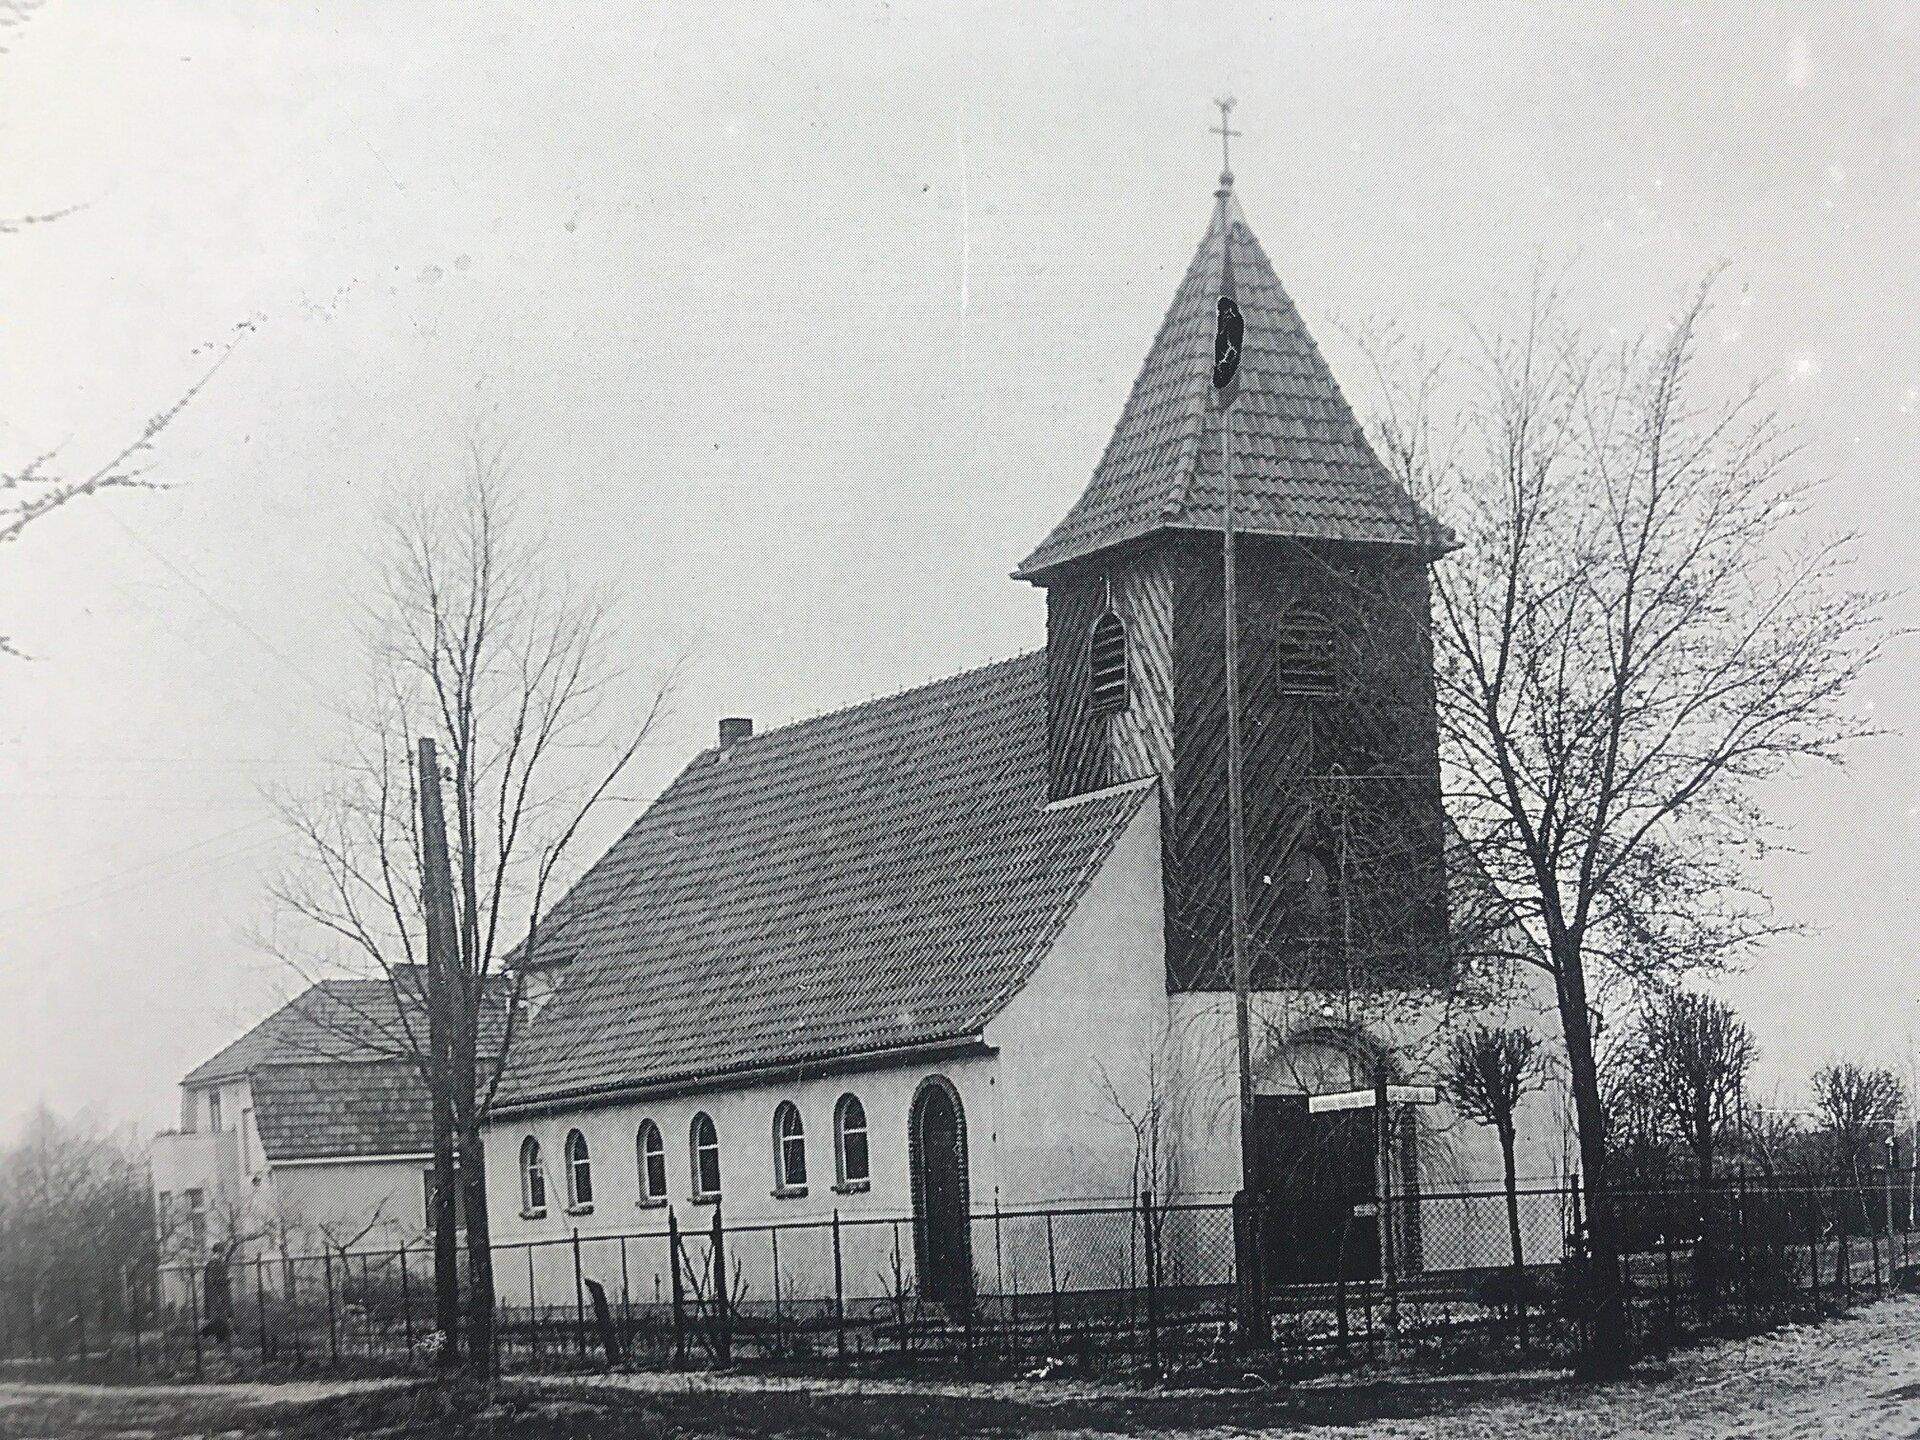 Unser Bild zeigt die Katholische Kirche 'Sankt Konrad' in der Ringpromenade, deren Grundsteinlegung am 17. Juni 1934 erfolgte die Grundsteinlegung (Quelle: Museum und Galerie Falkensee)